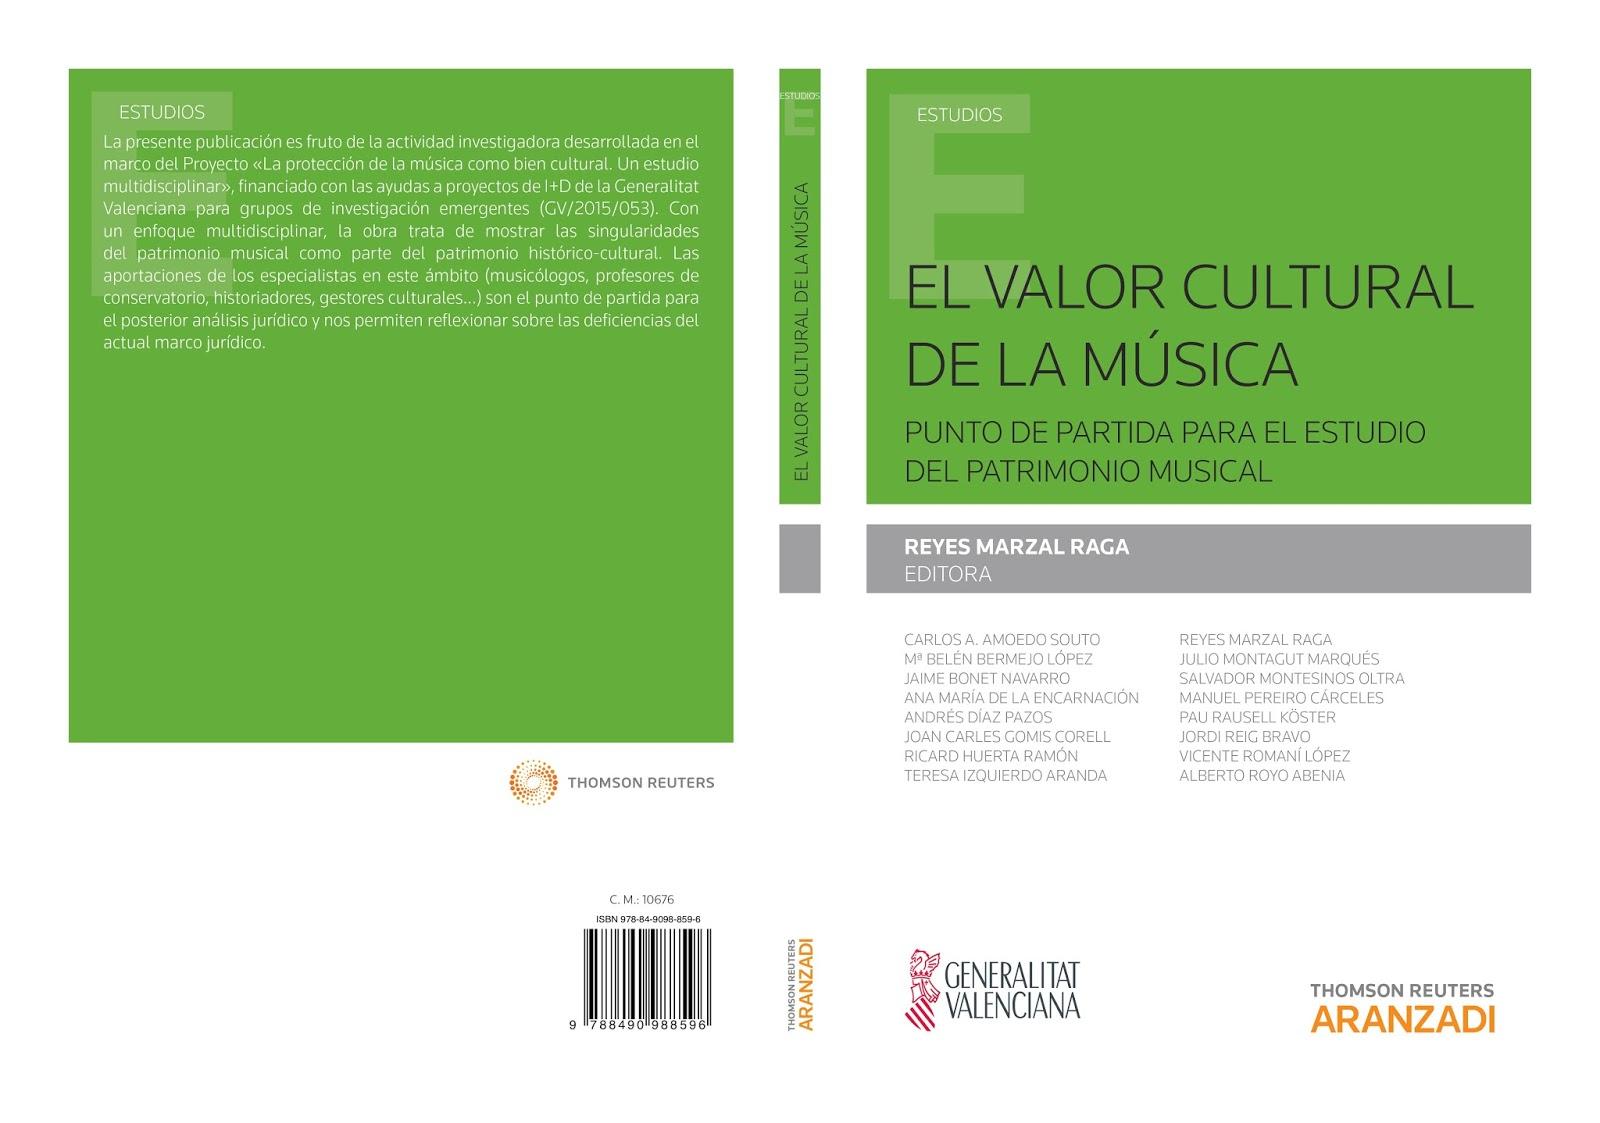 La guitarra y el repertorio olvidado. En: El valor cultural de la música. Aranzadi. 2016.